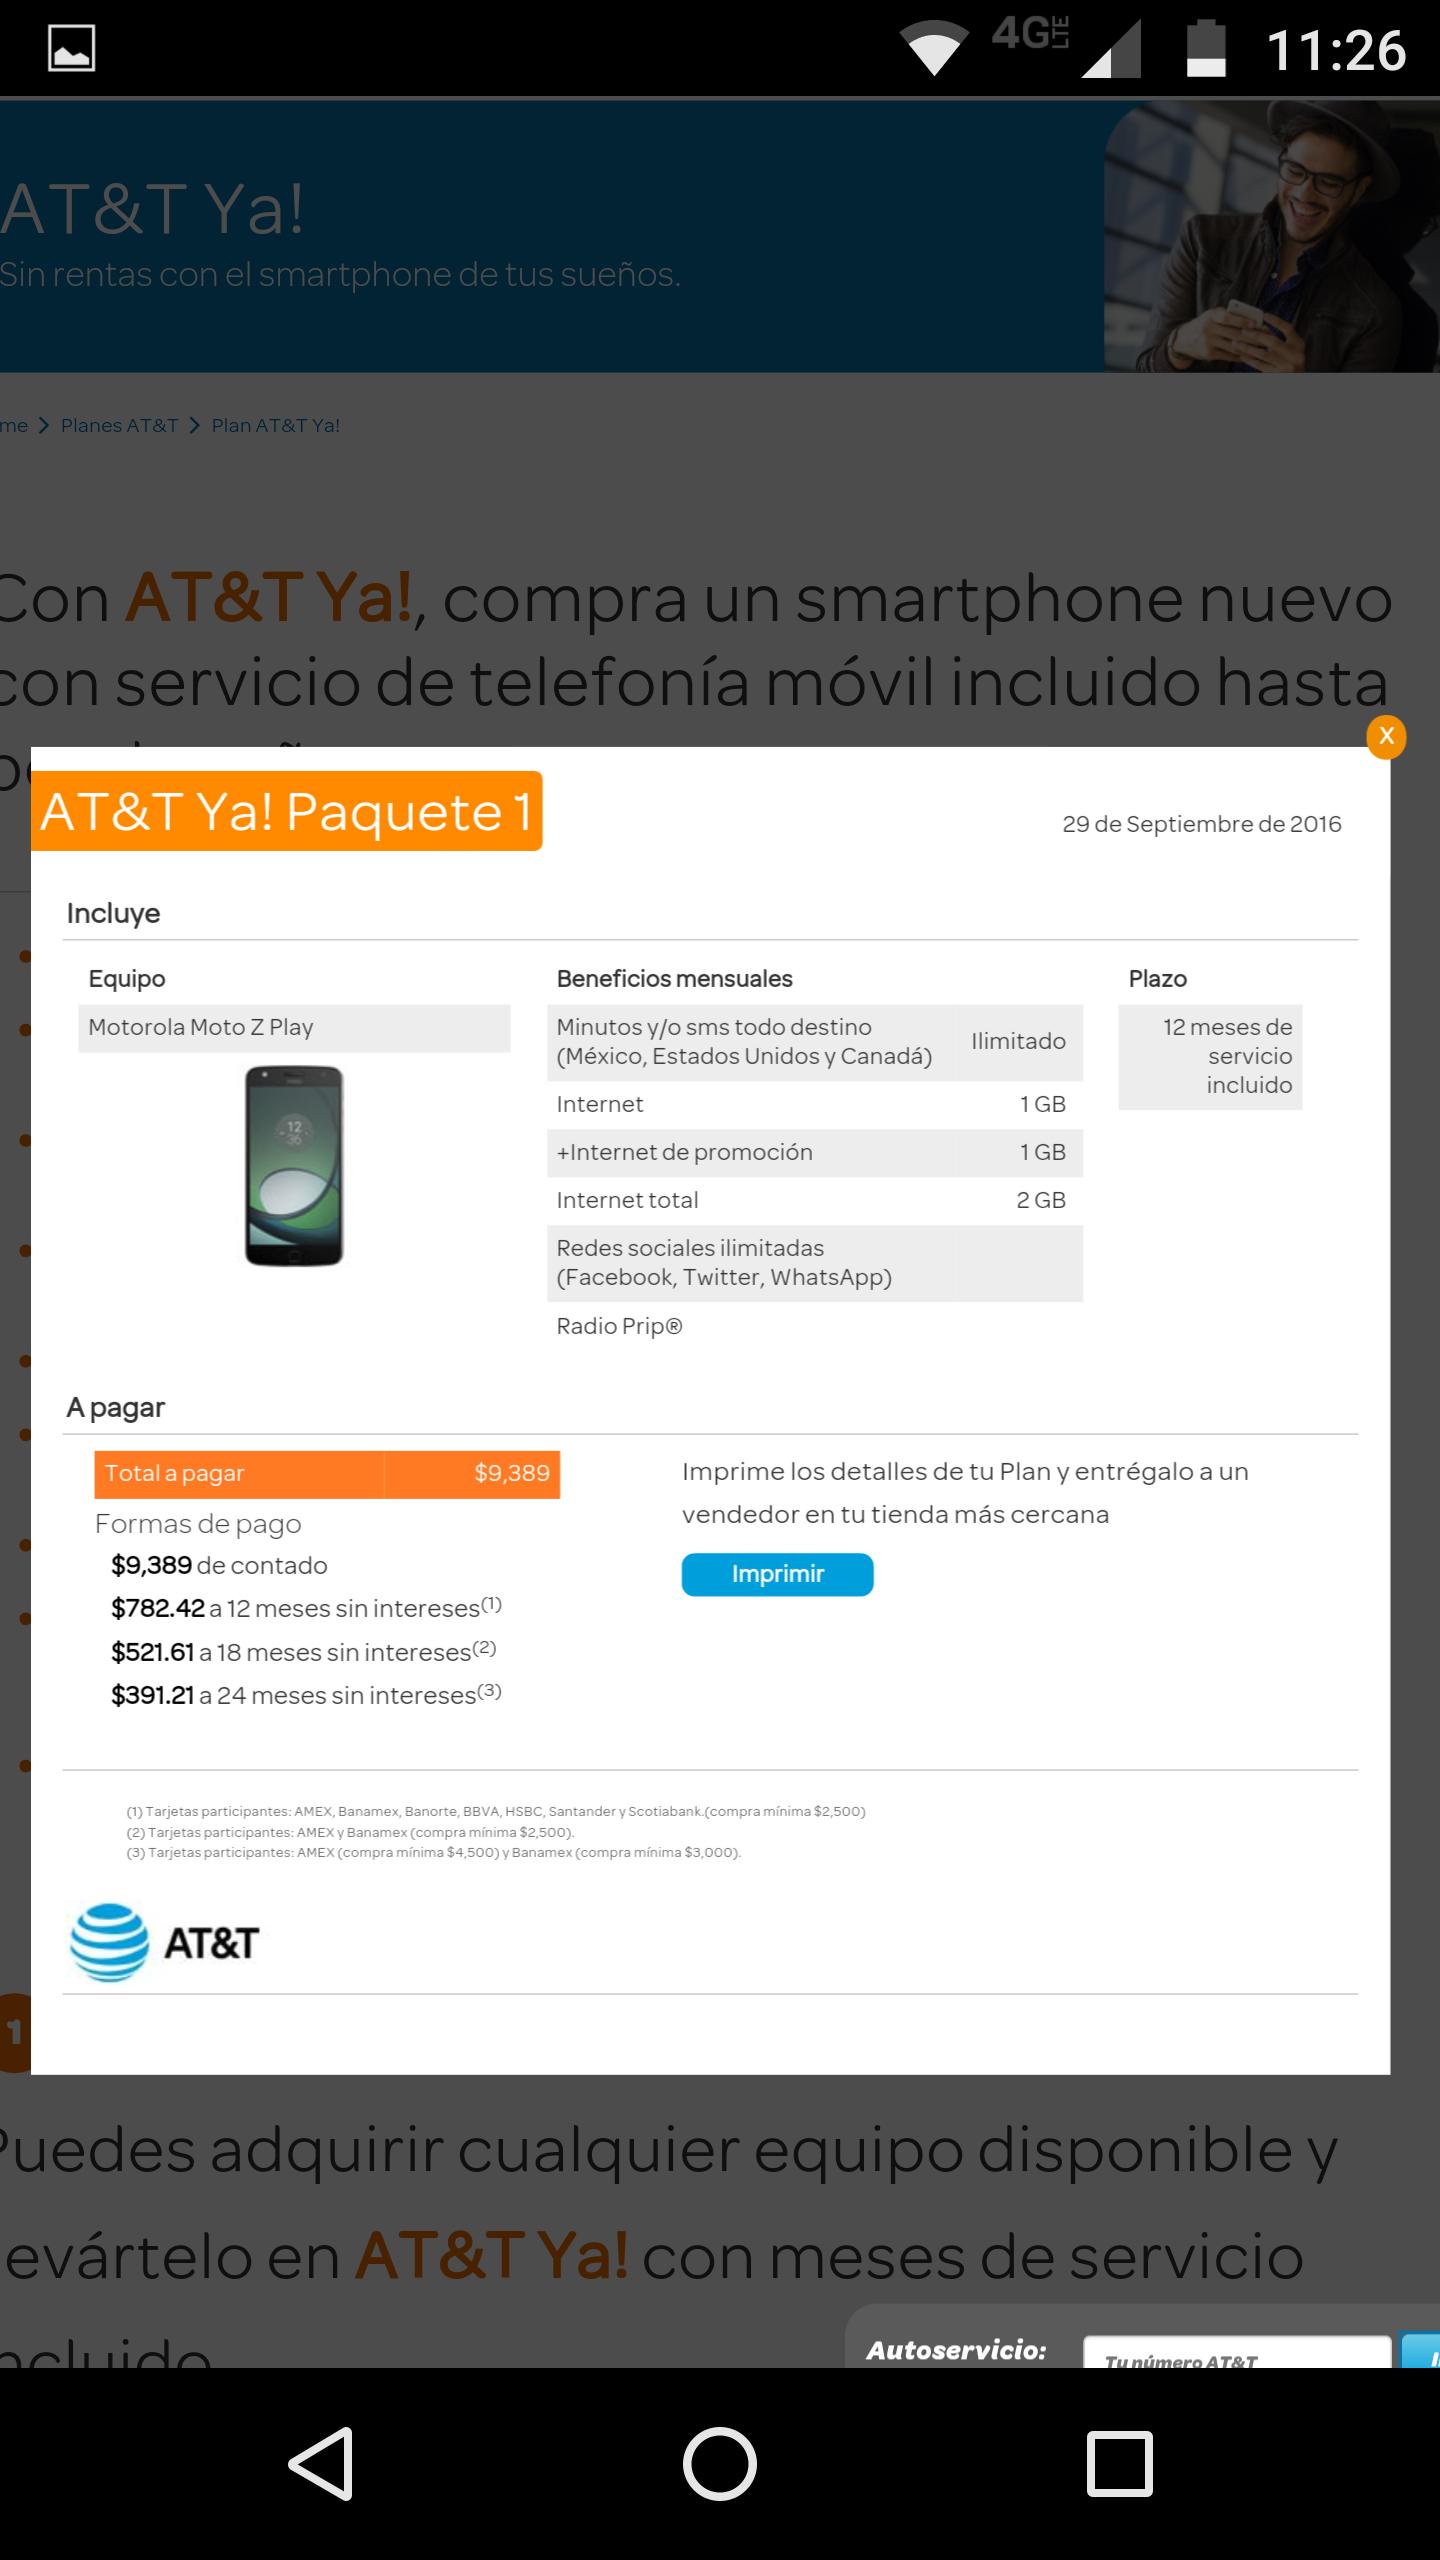 AT&T: Moto Z play con un año de servicio incluido